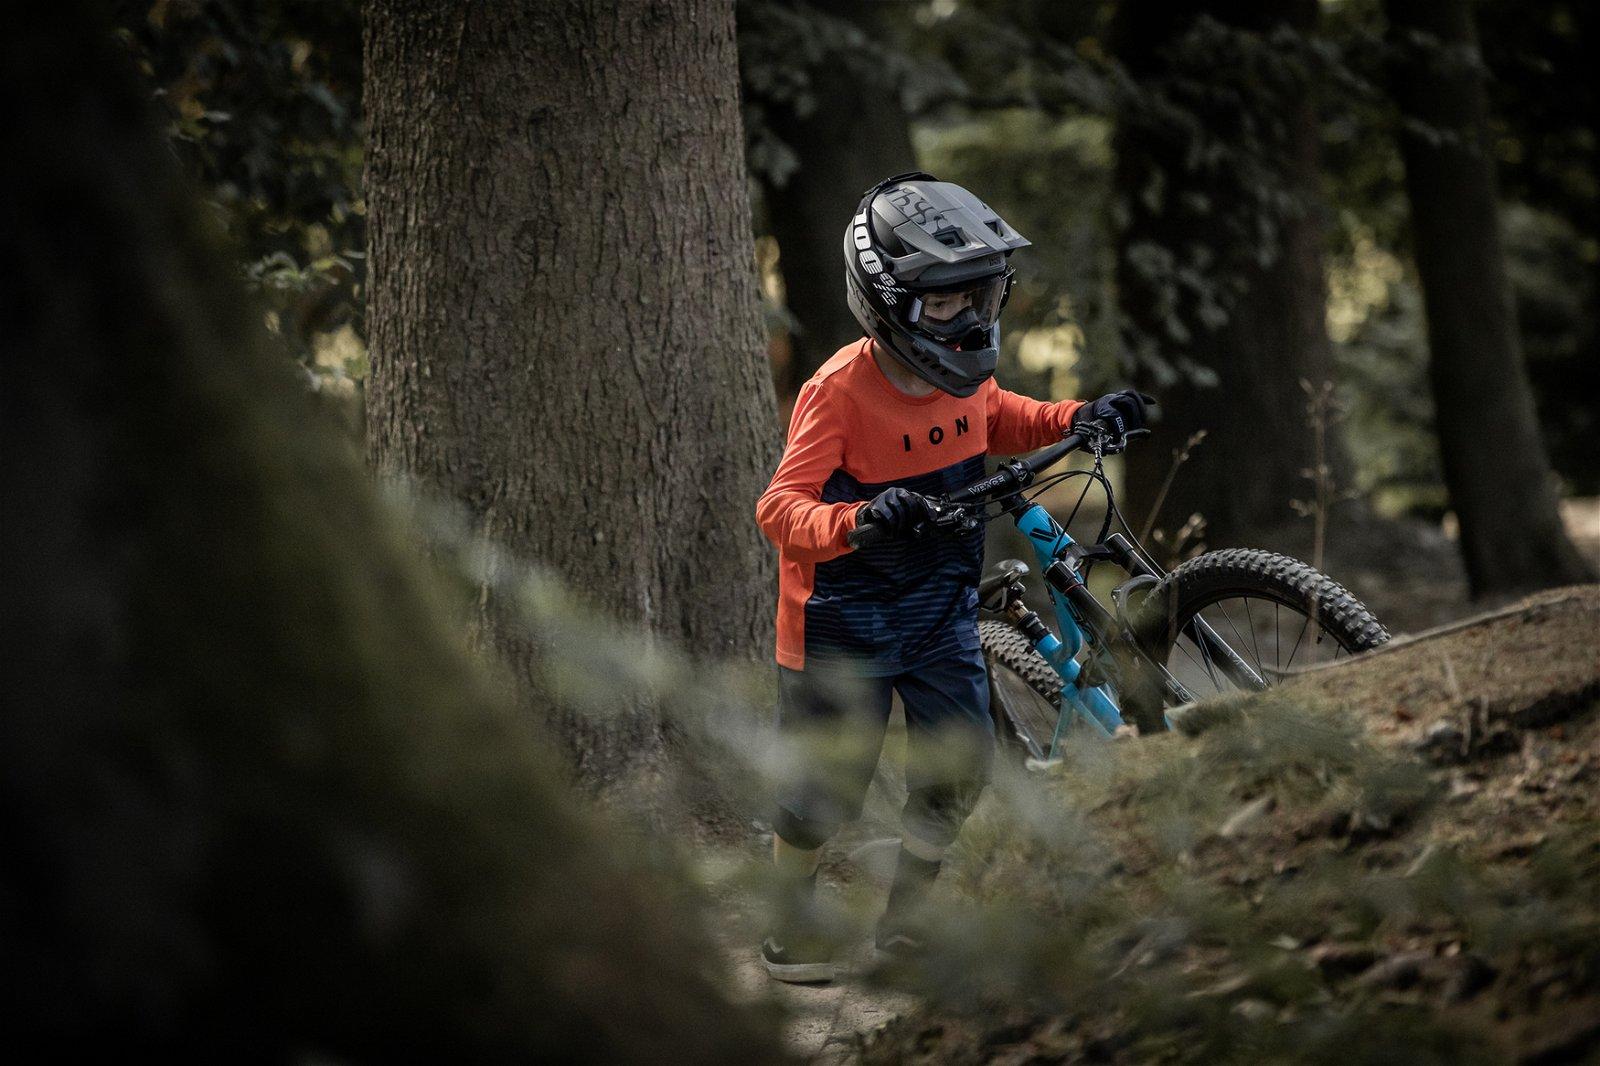 ION_Kids_Shooting_Winterberg_JPG_Version_2_lowres-22.jpg